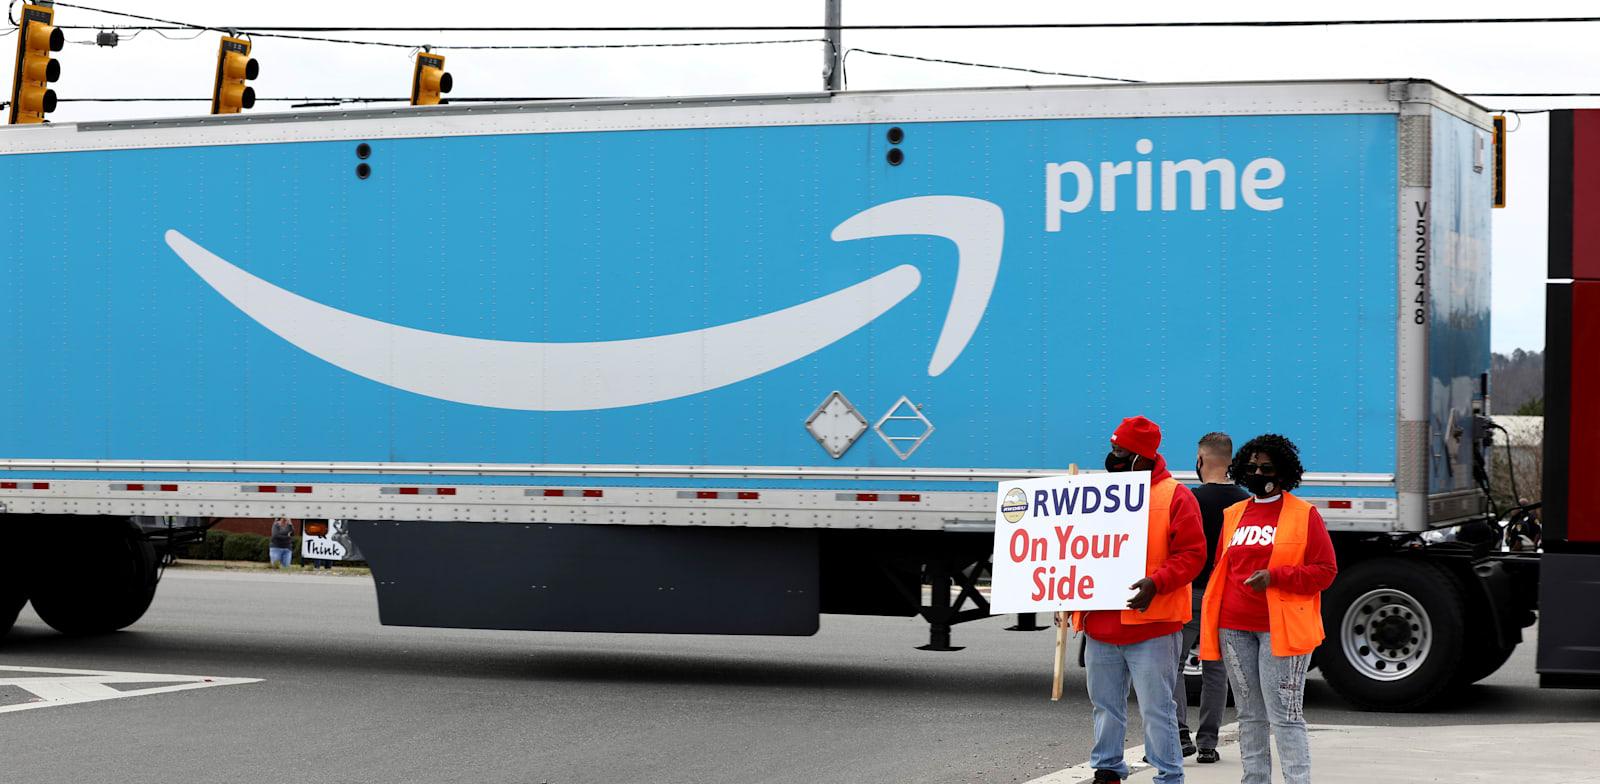 מפגינים מביעים תמיכה בעובדי אמזון, סמוך למרכז בבסמר, אלבמה